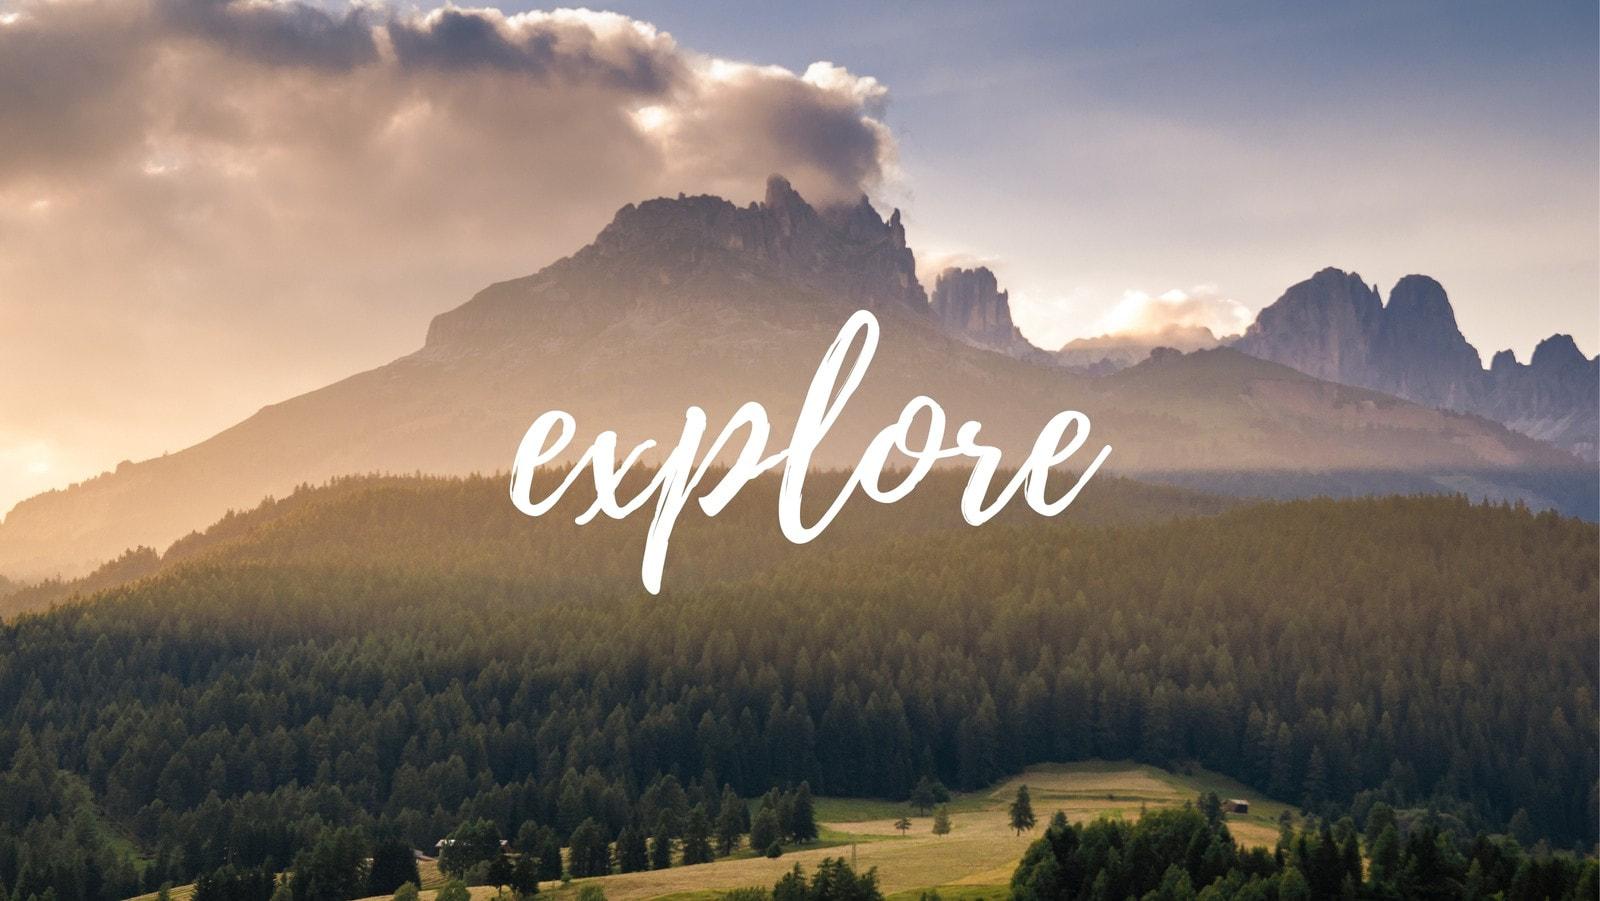 Explore Brush Script Facebook Cover